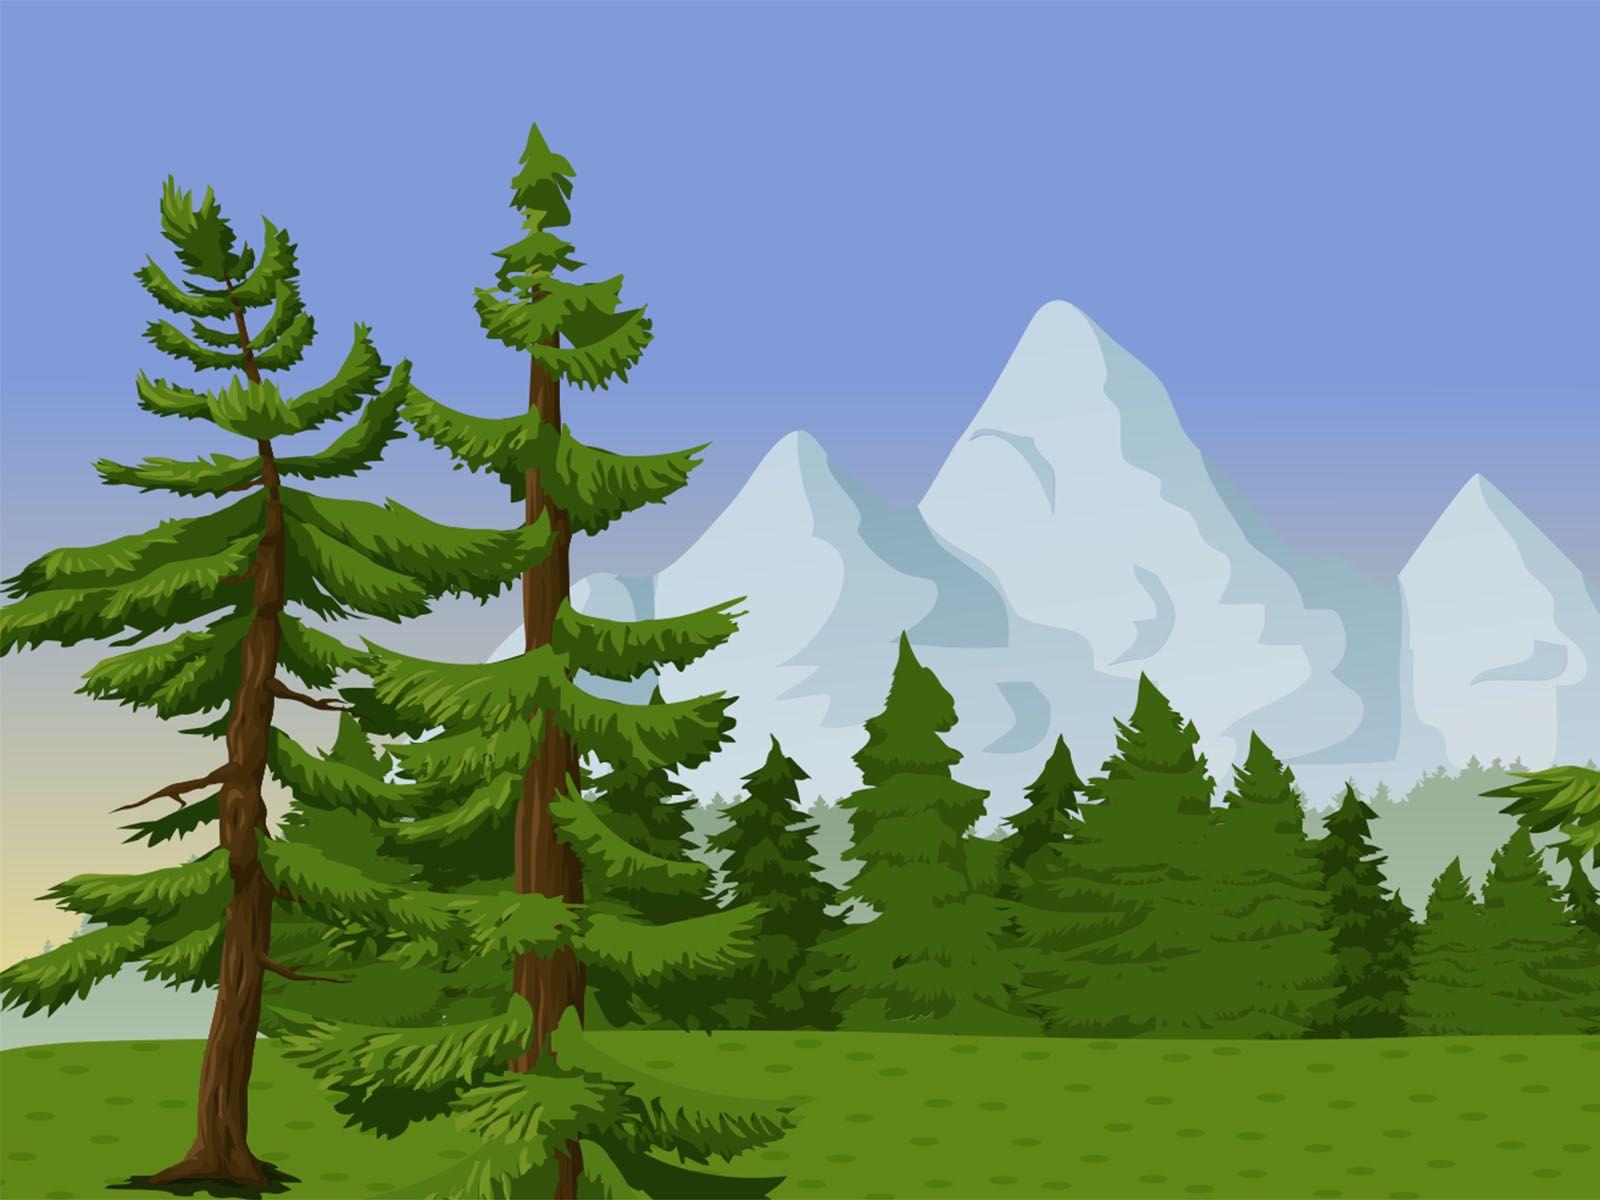 Everygreen Landscape Backgrounds Landscape Background Clouds Design Landscape